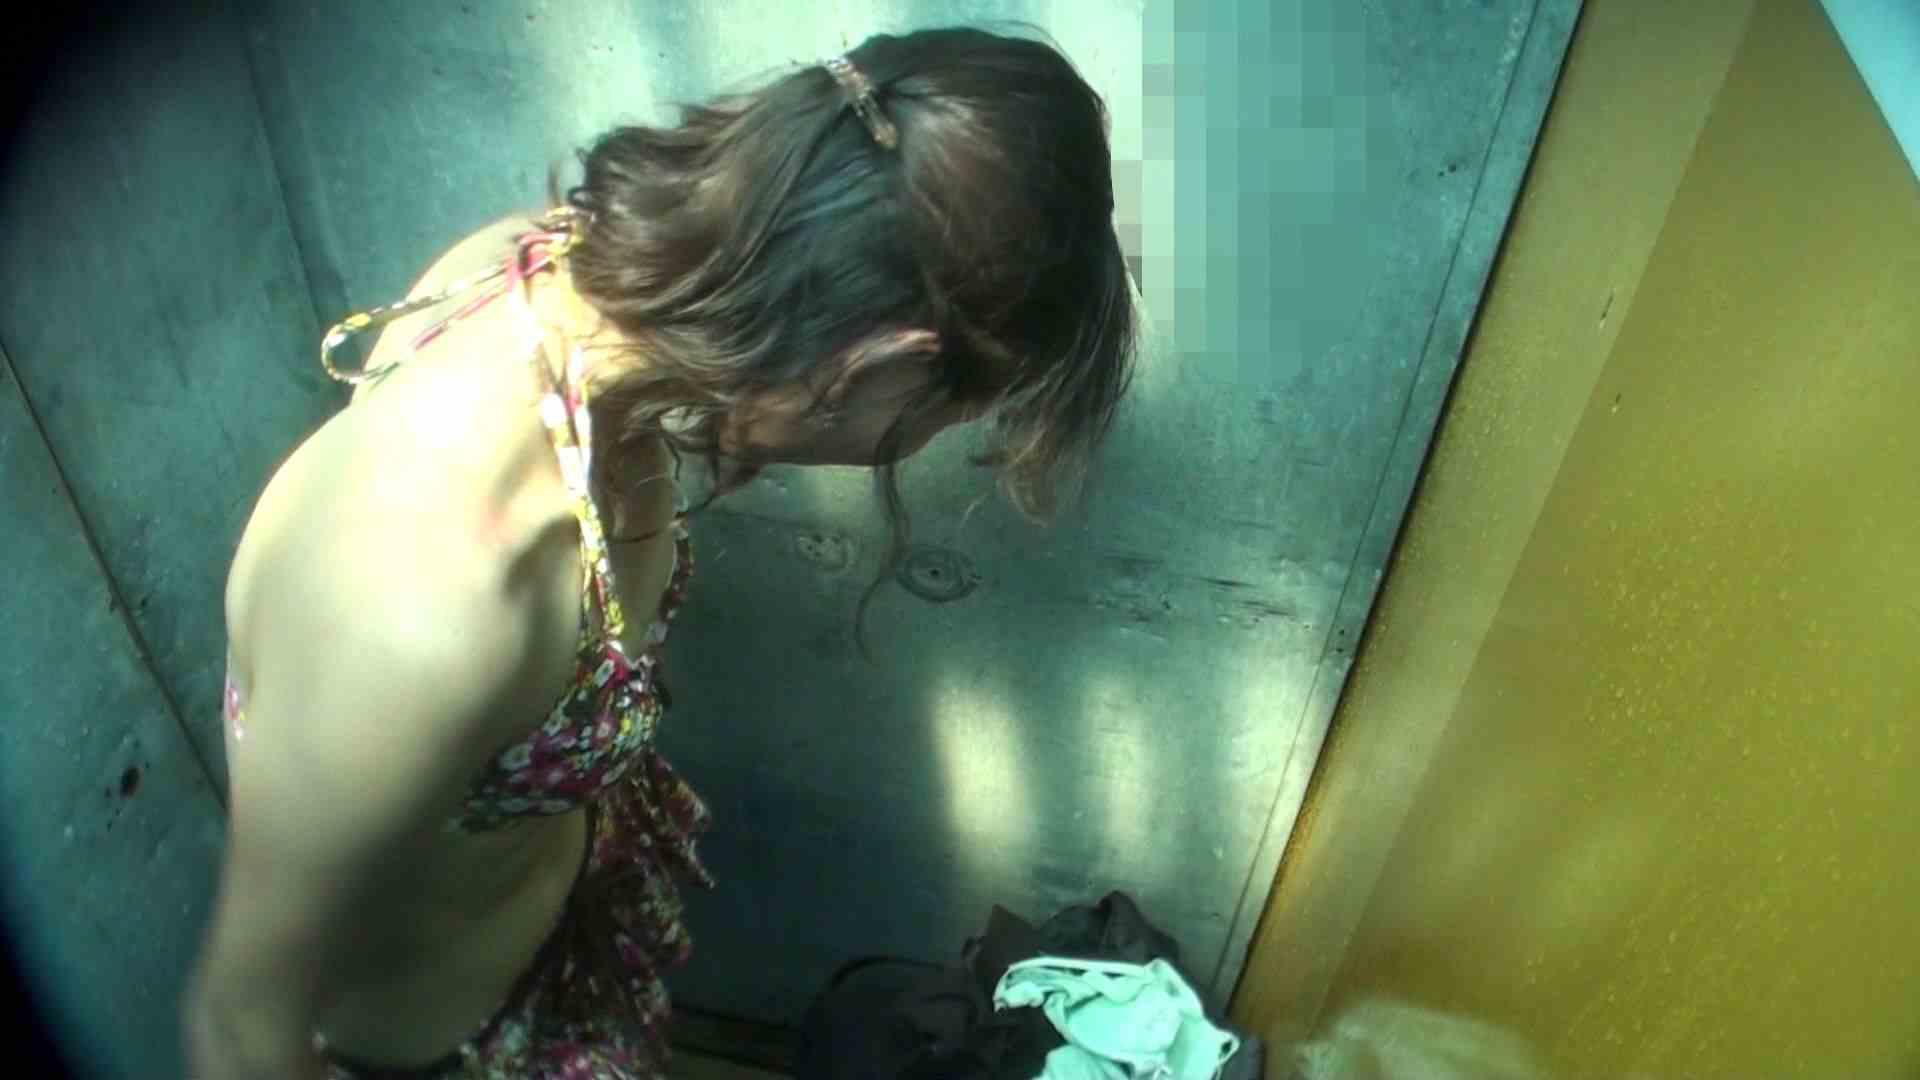 シャワールームは超!!危険な香りVol.16 意外に乳首は年増のそれ 乳首   OLの実態  61pic 33